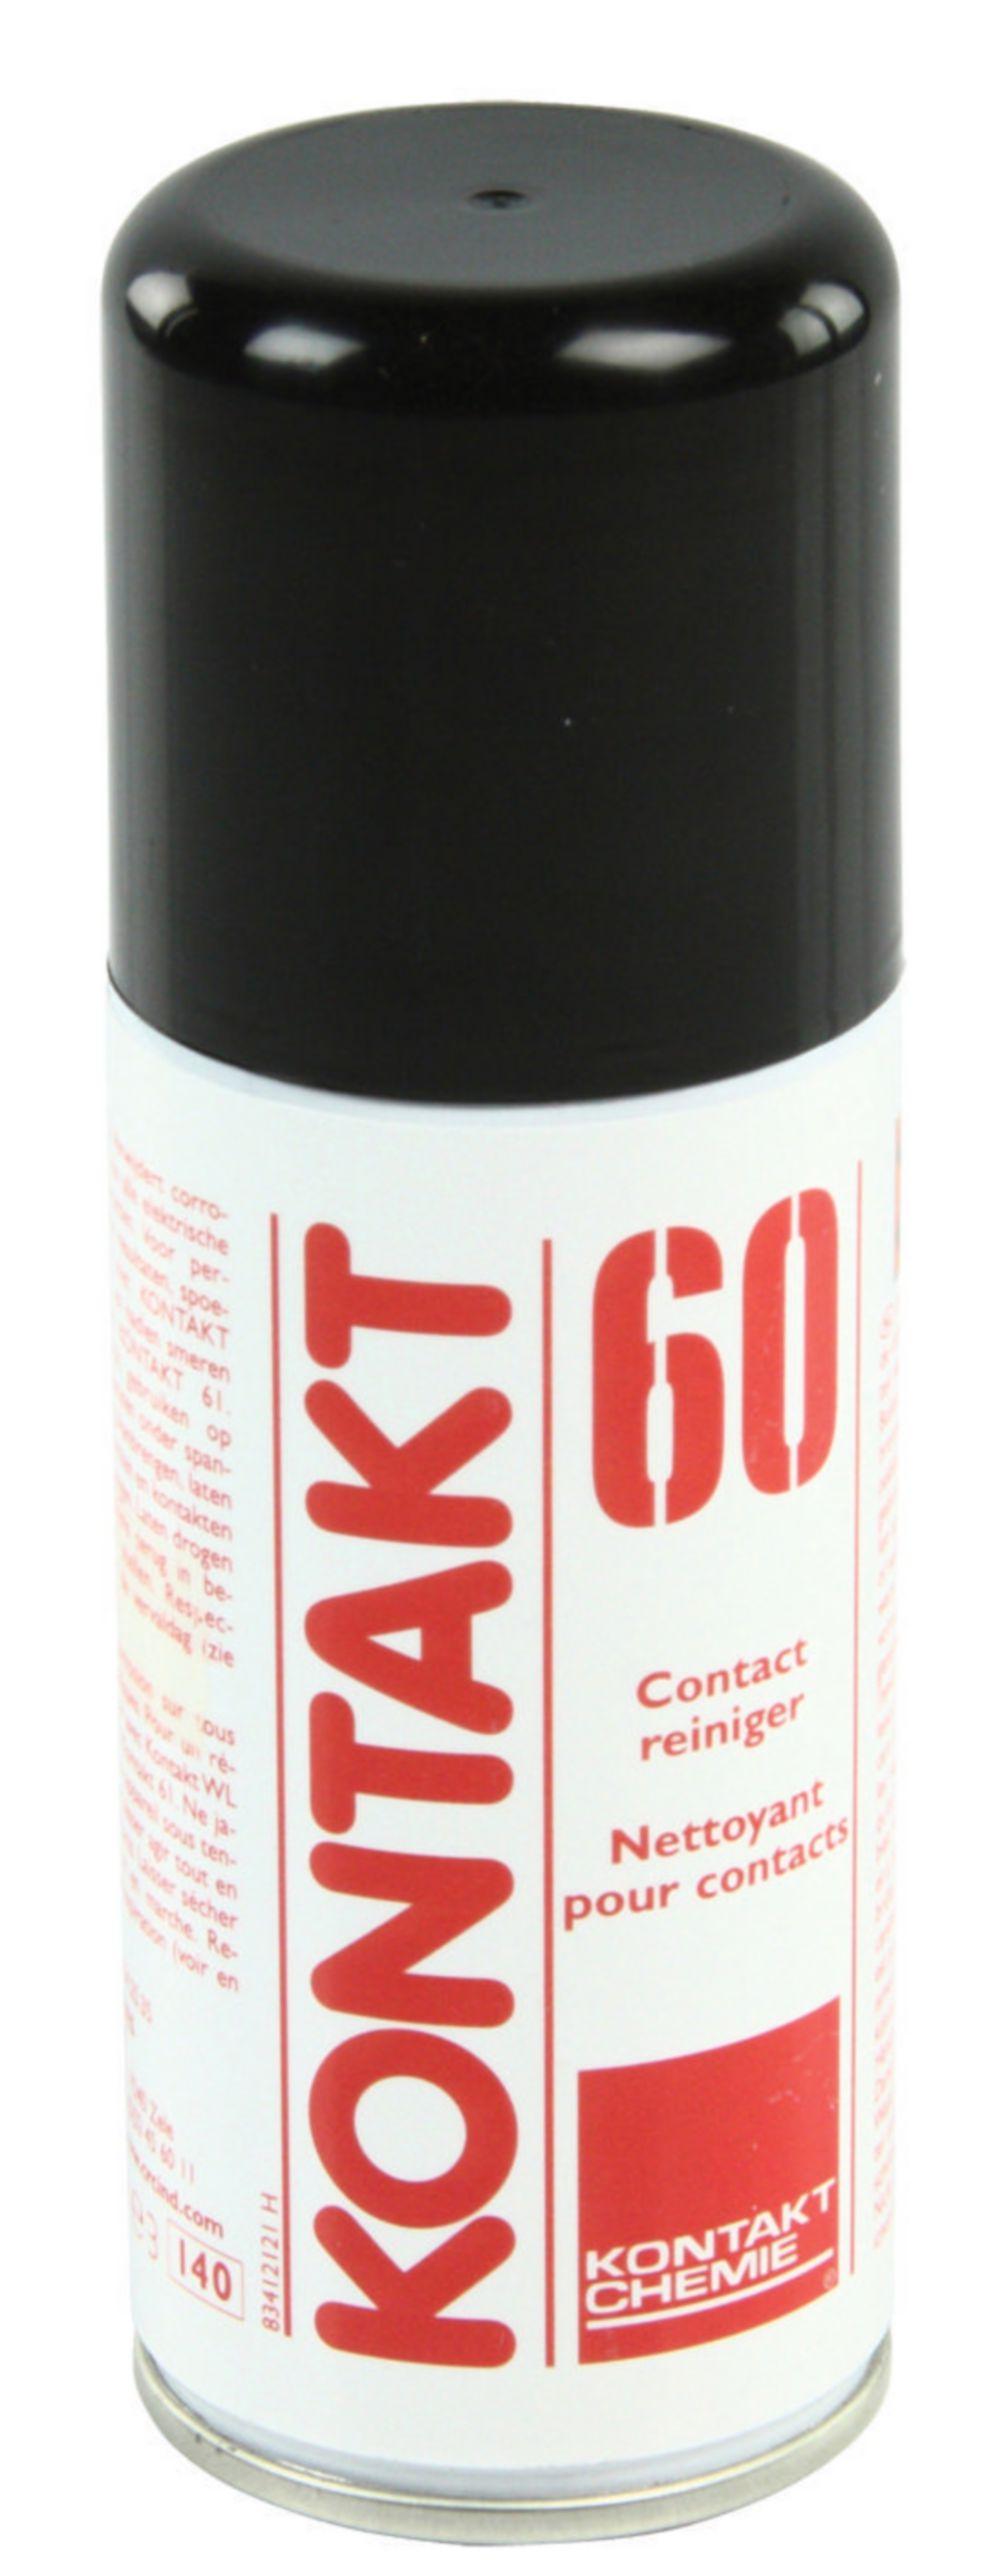 Čisticí sprej na kontakty 200 ml KONTAKT 60